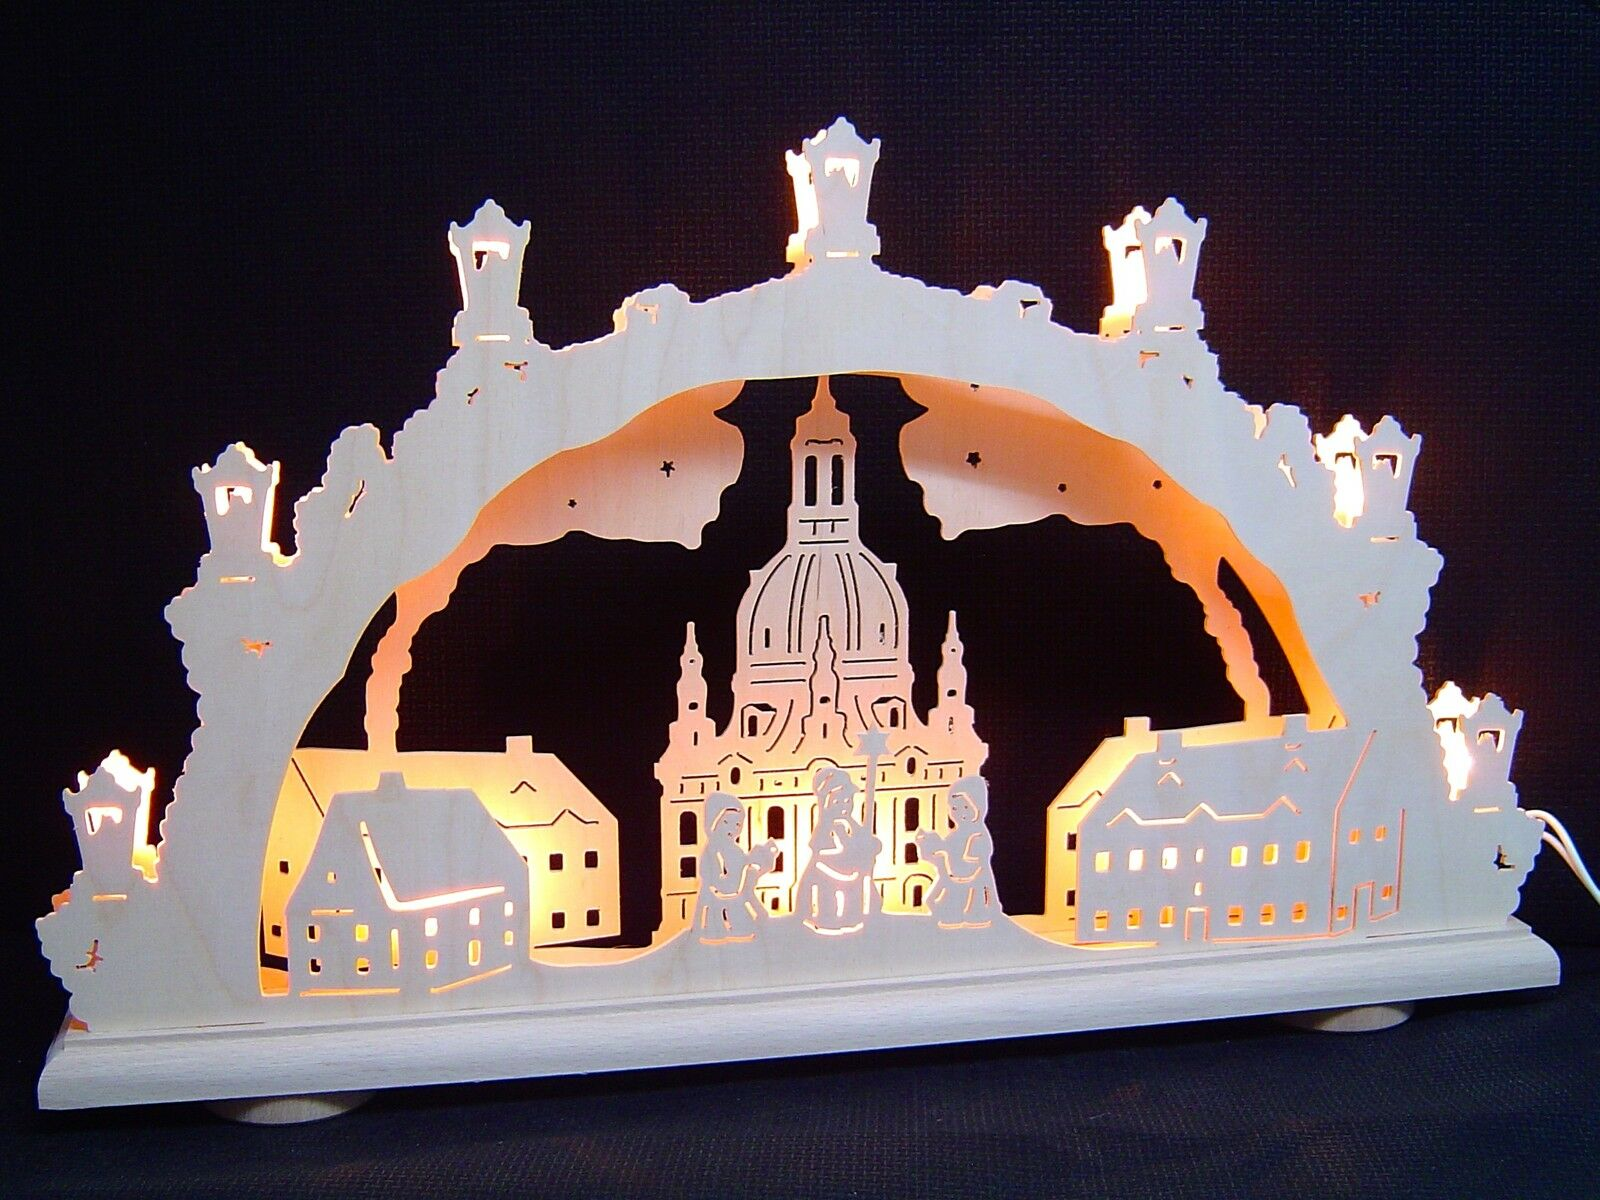 2D Arc Arc lumineux Frauenkirche de Dresde Kurrende 48 x 29 cm 10502